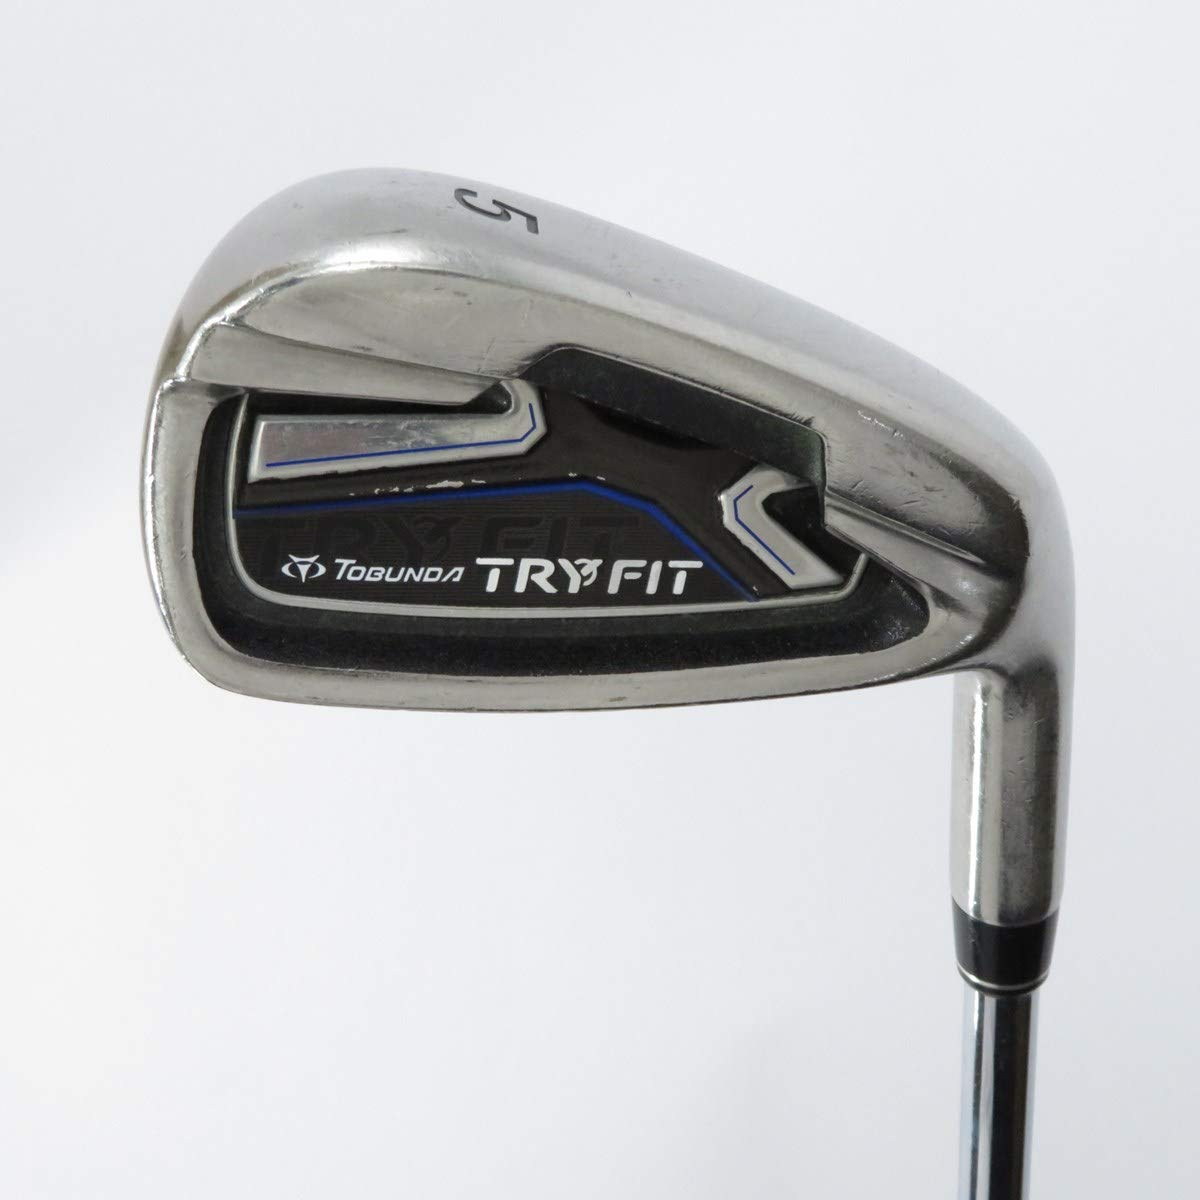 【中古】ゴルフプランナー Golf Planner TOBUNDA TRY FIT(2013) アイアン N.S.PRO 950GH B07RQPBPZD  S